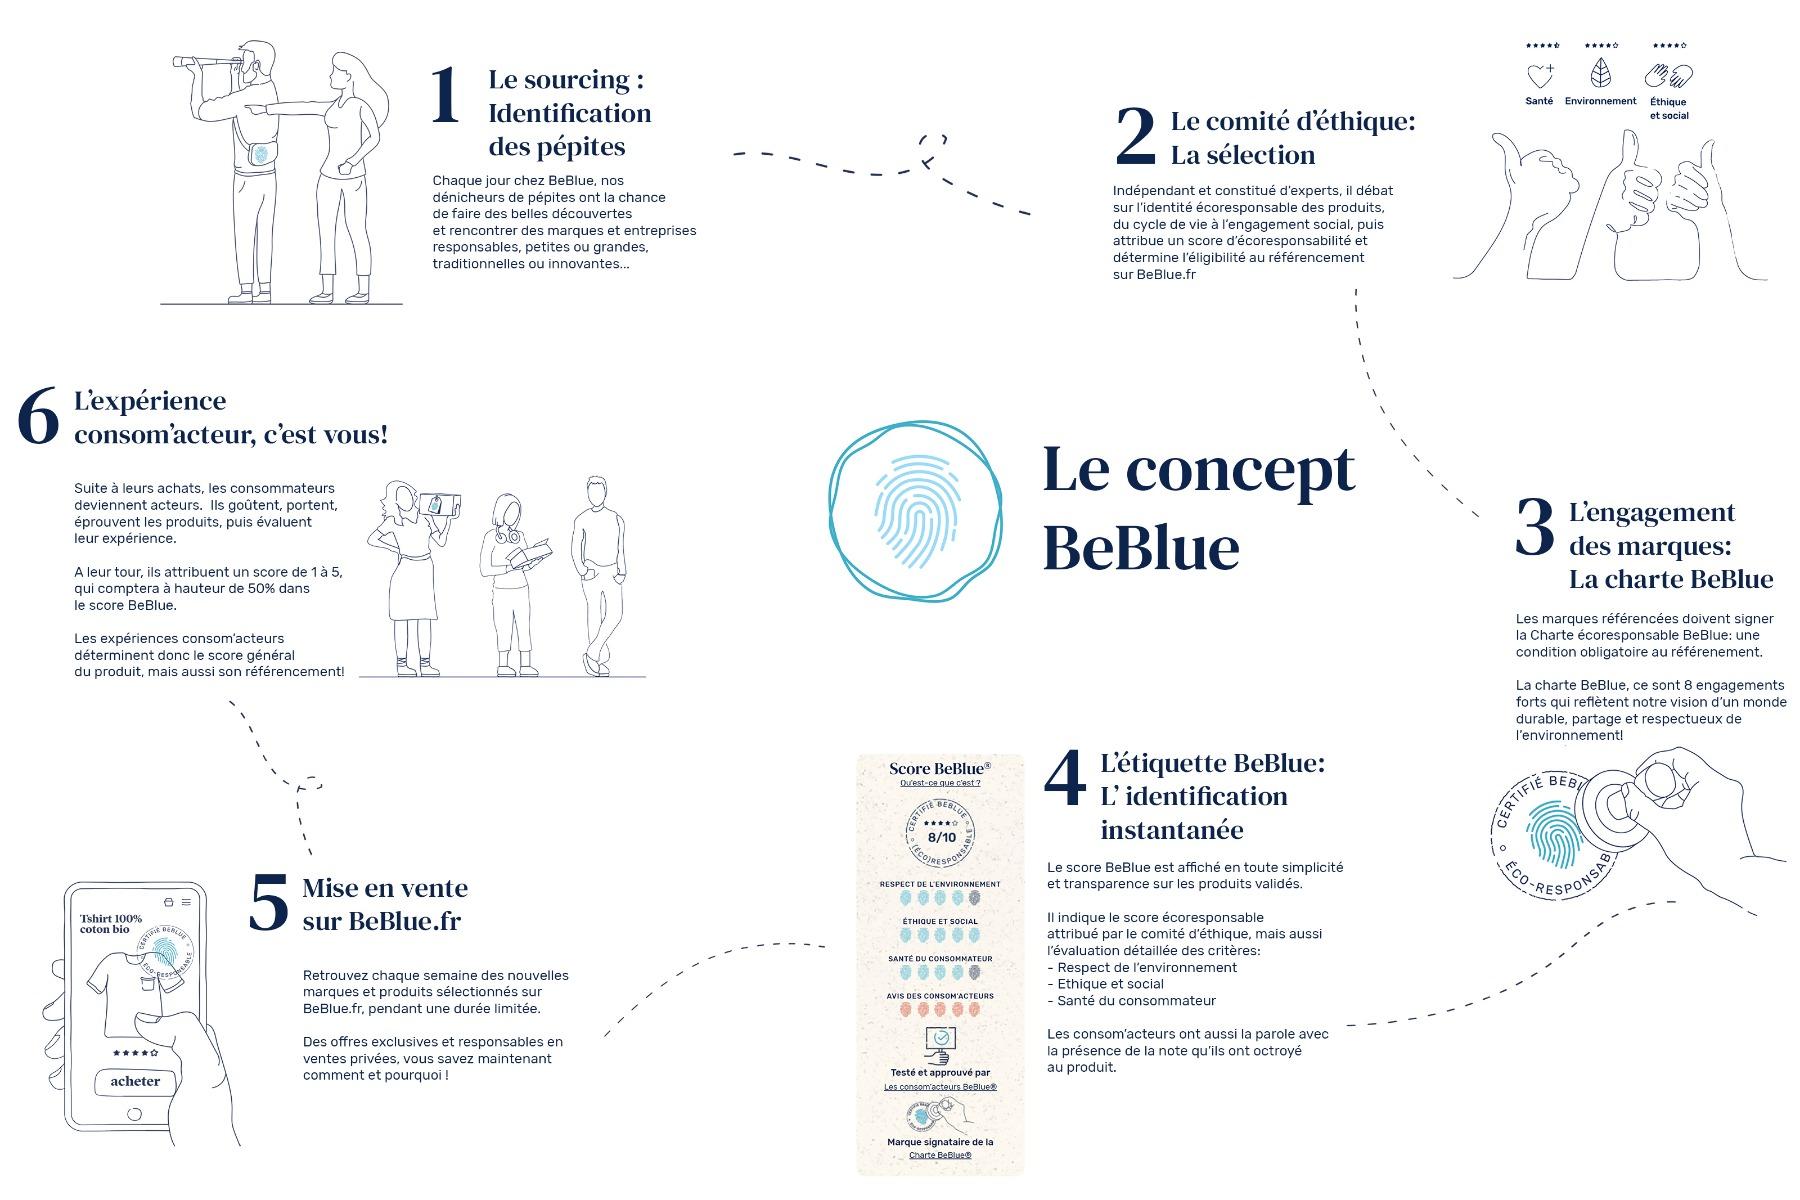 Le parcours produit BeBlue